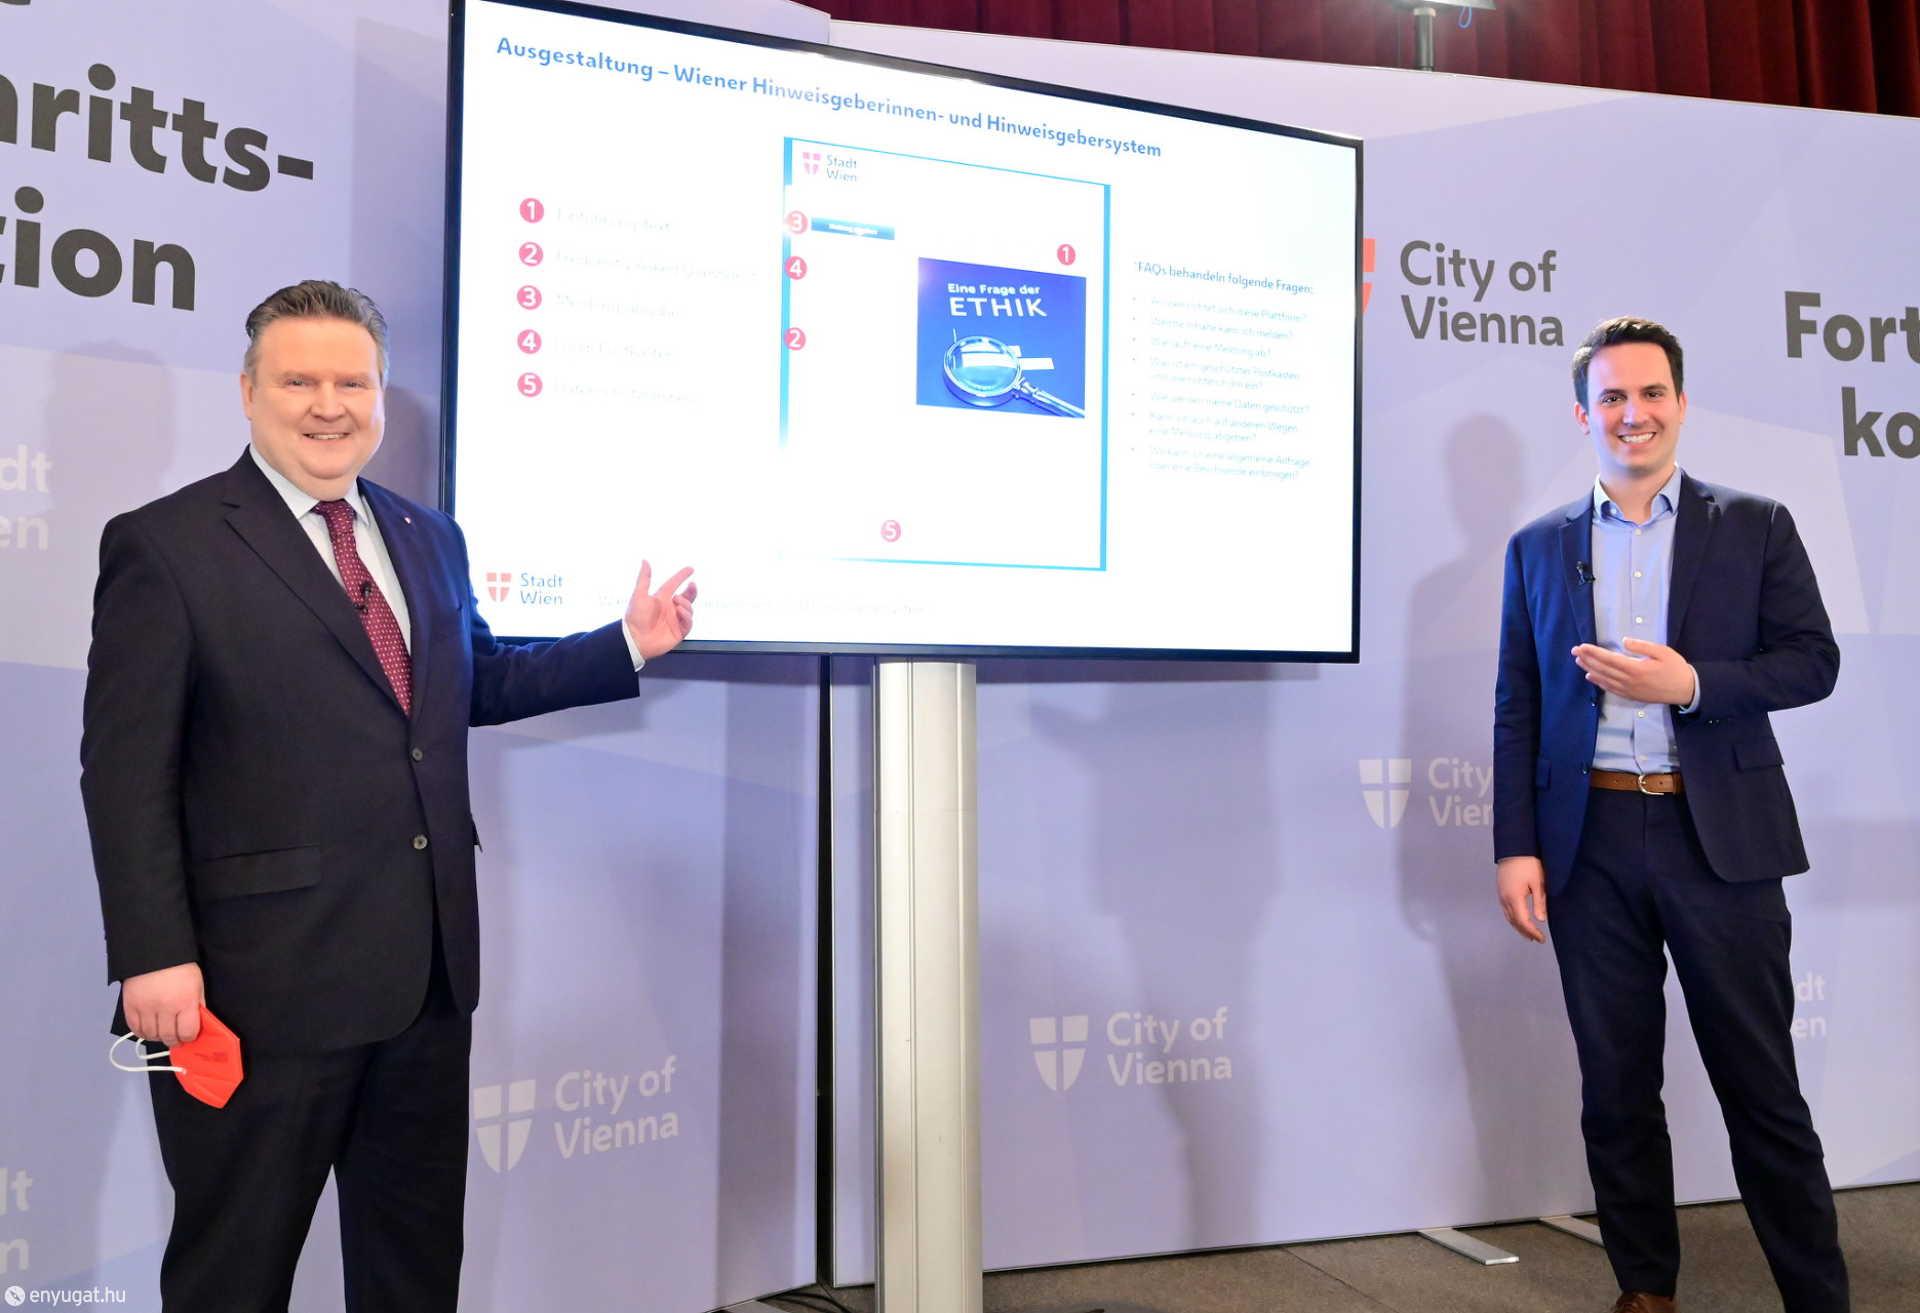 Michael Ludwig és Christoph Wiederkehr prezentálják az új honlapot.